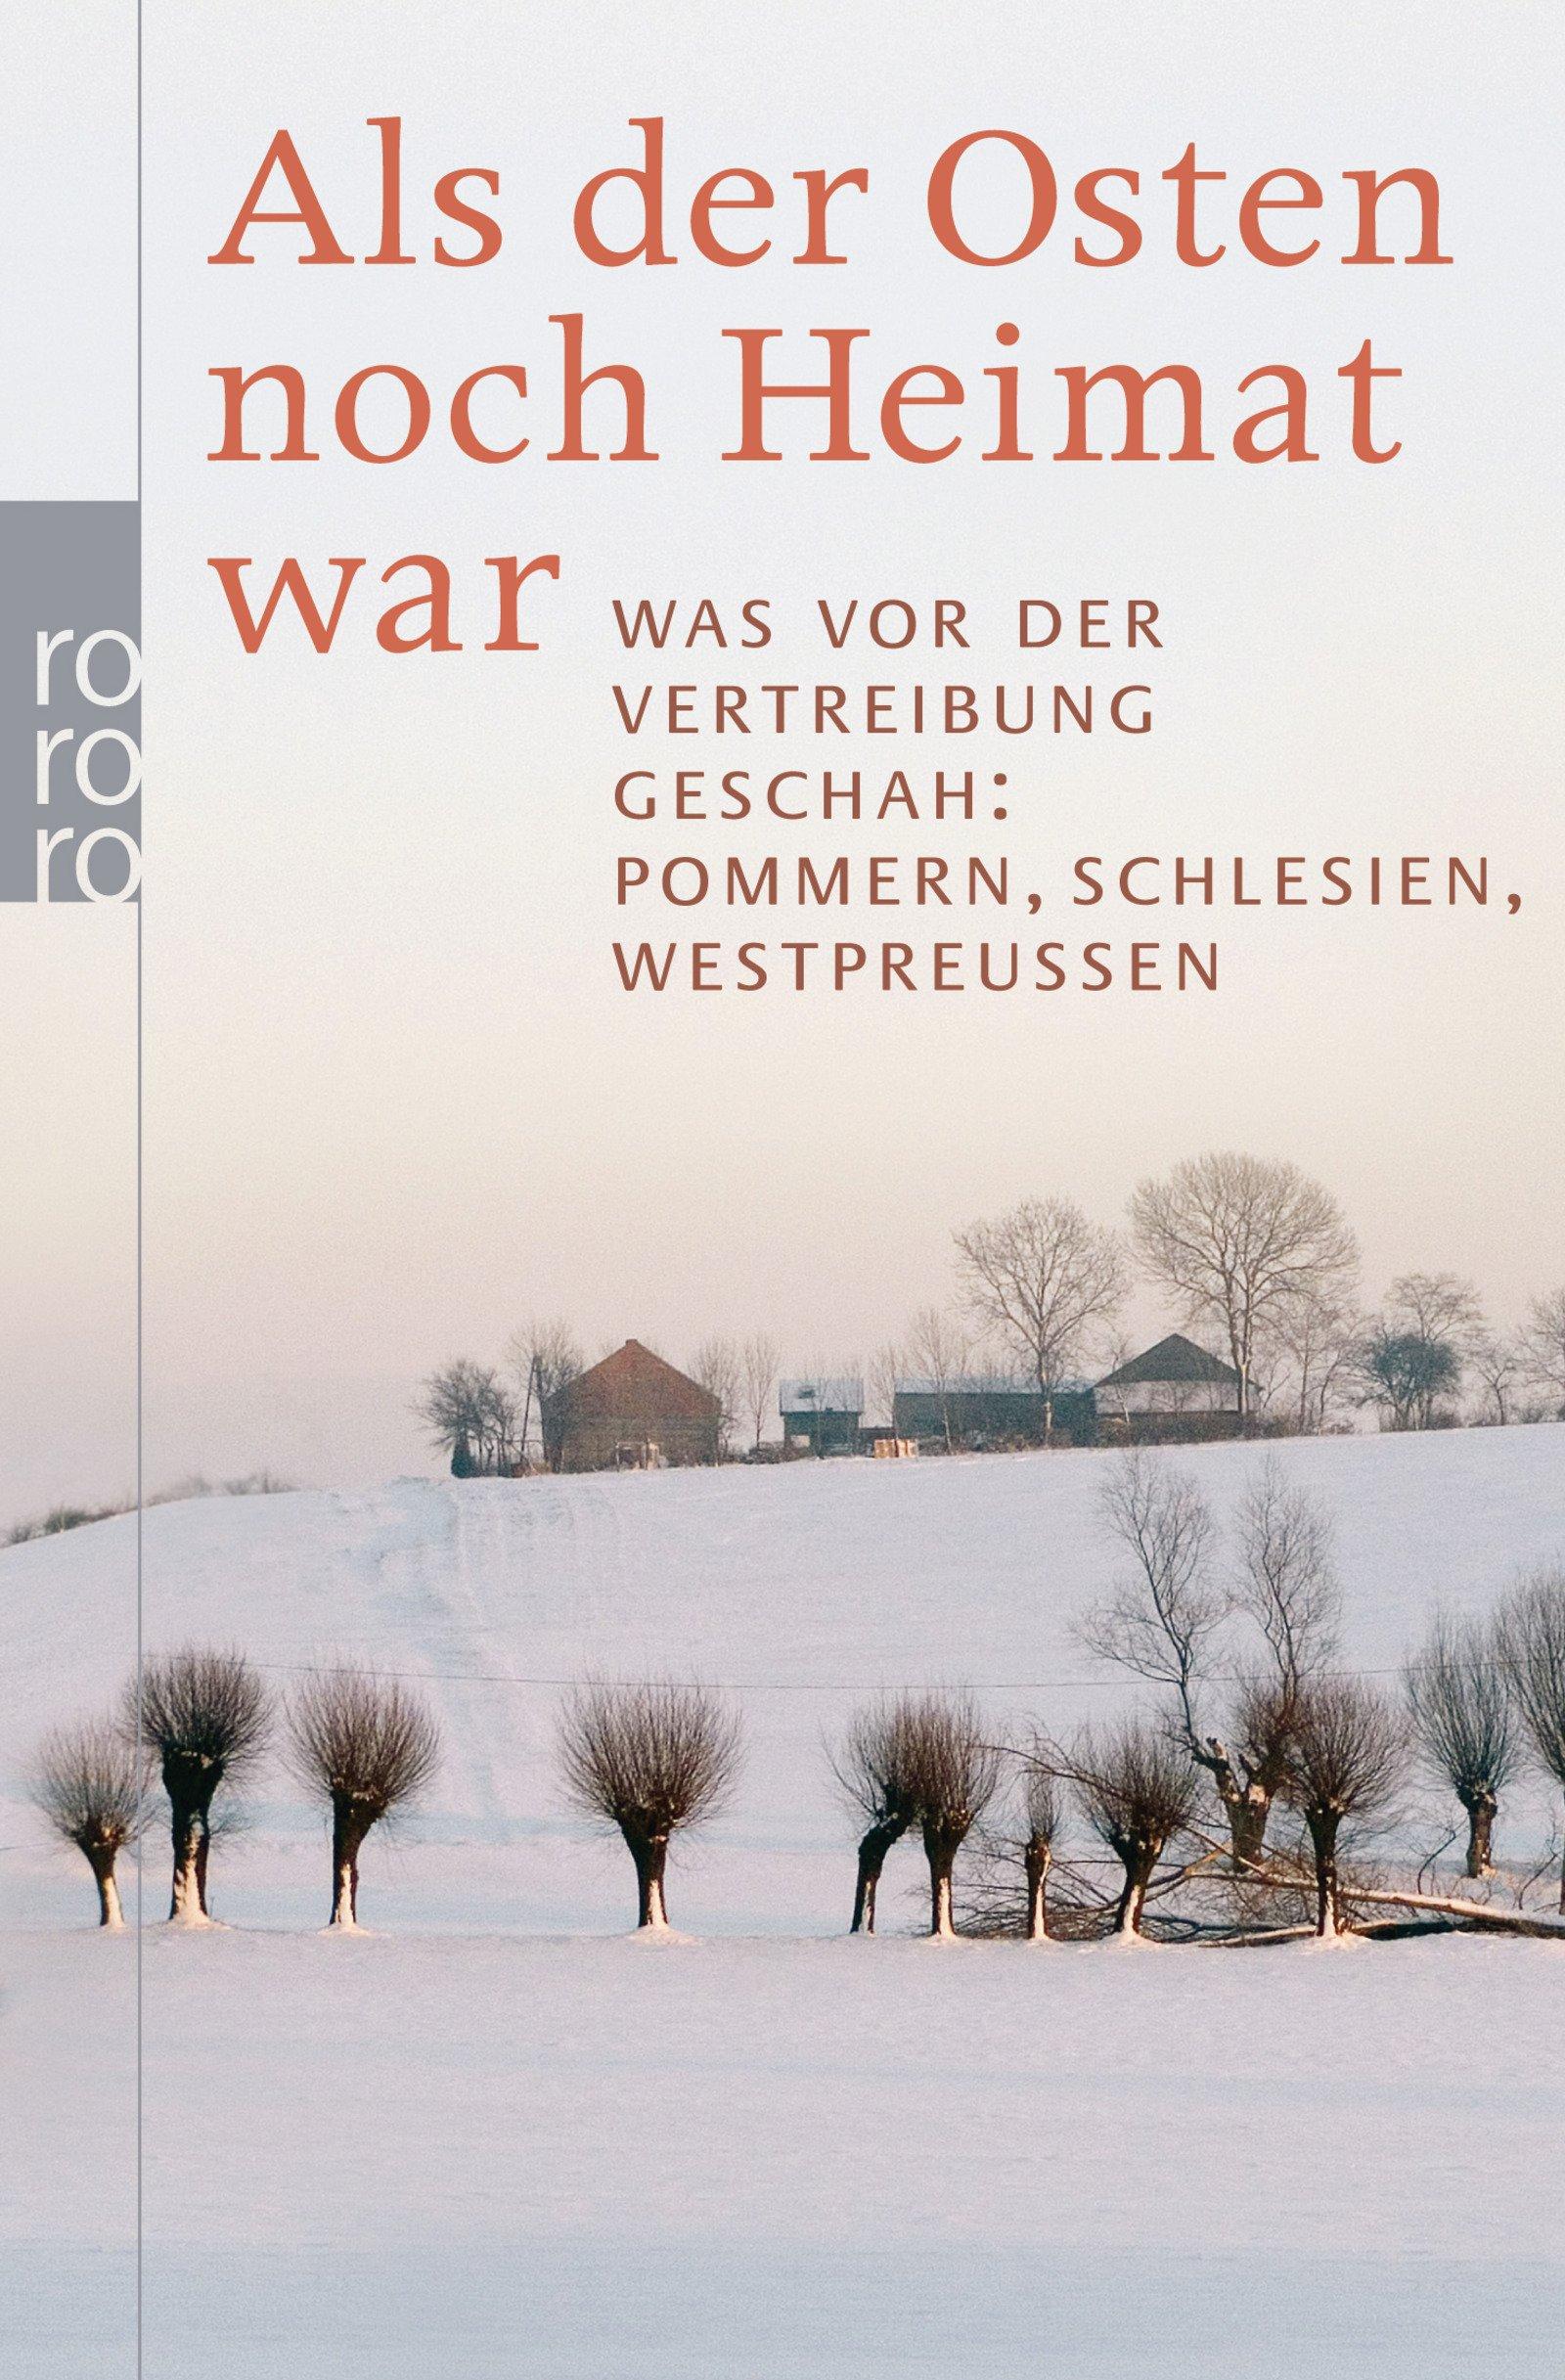 Als der Osten noch Heimat war: Was vor der Vertreibung geschah: Pommern, Schlesien, Westpreußen